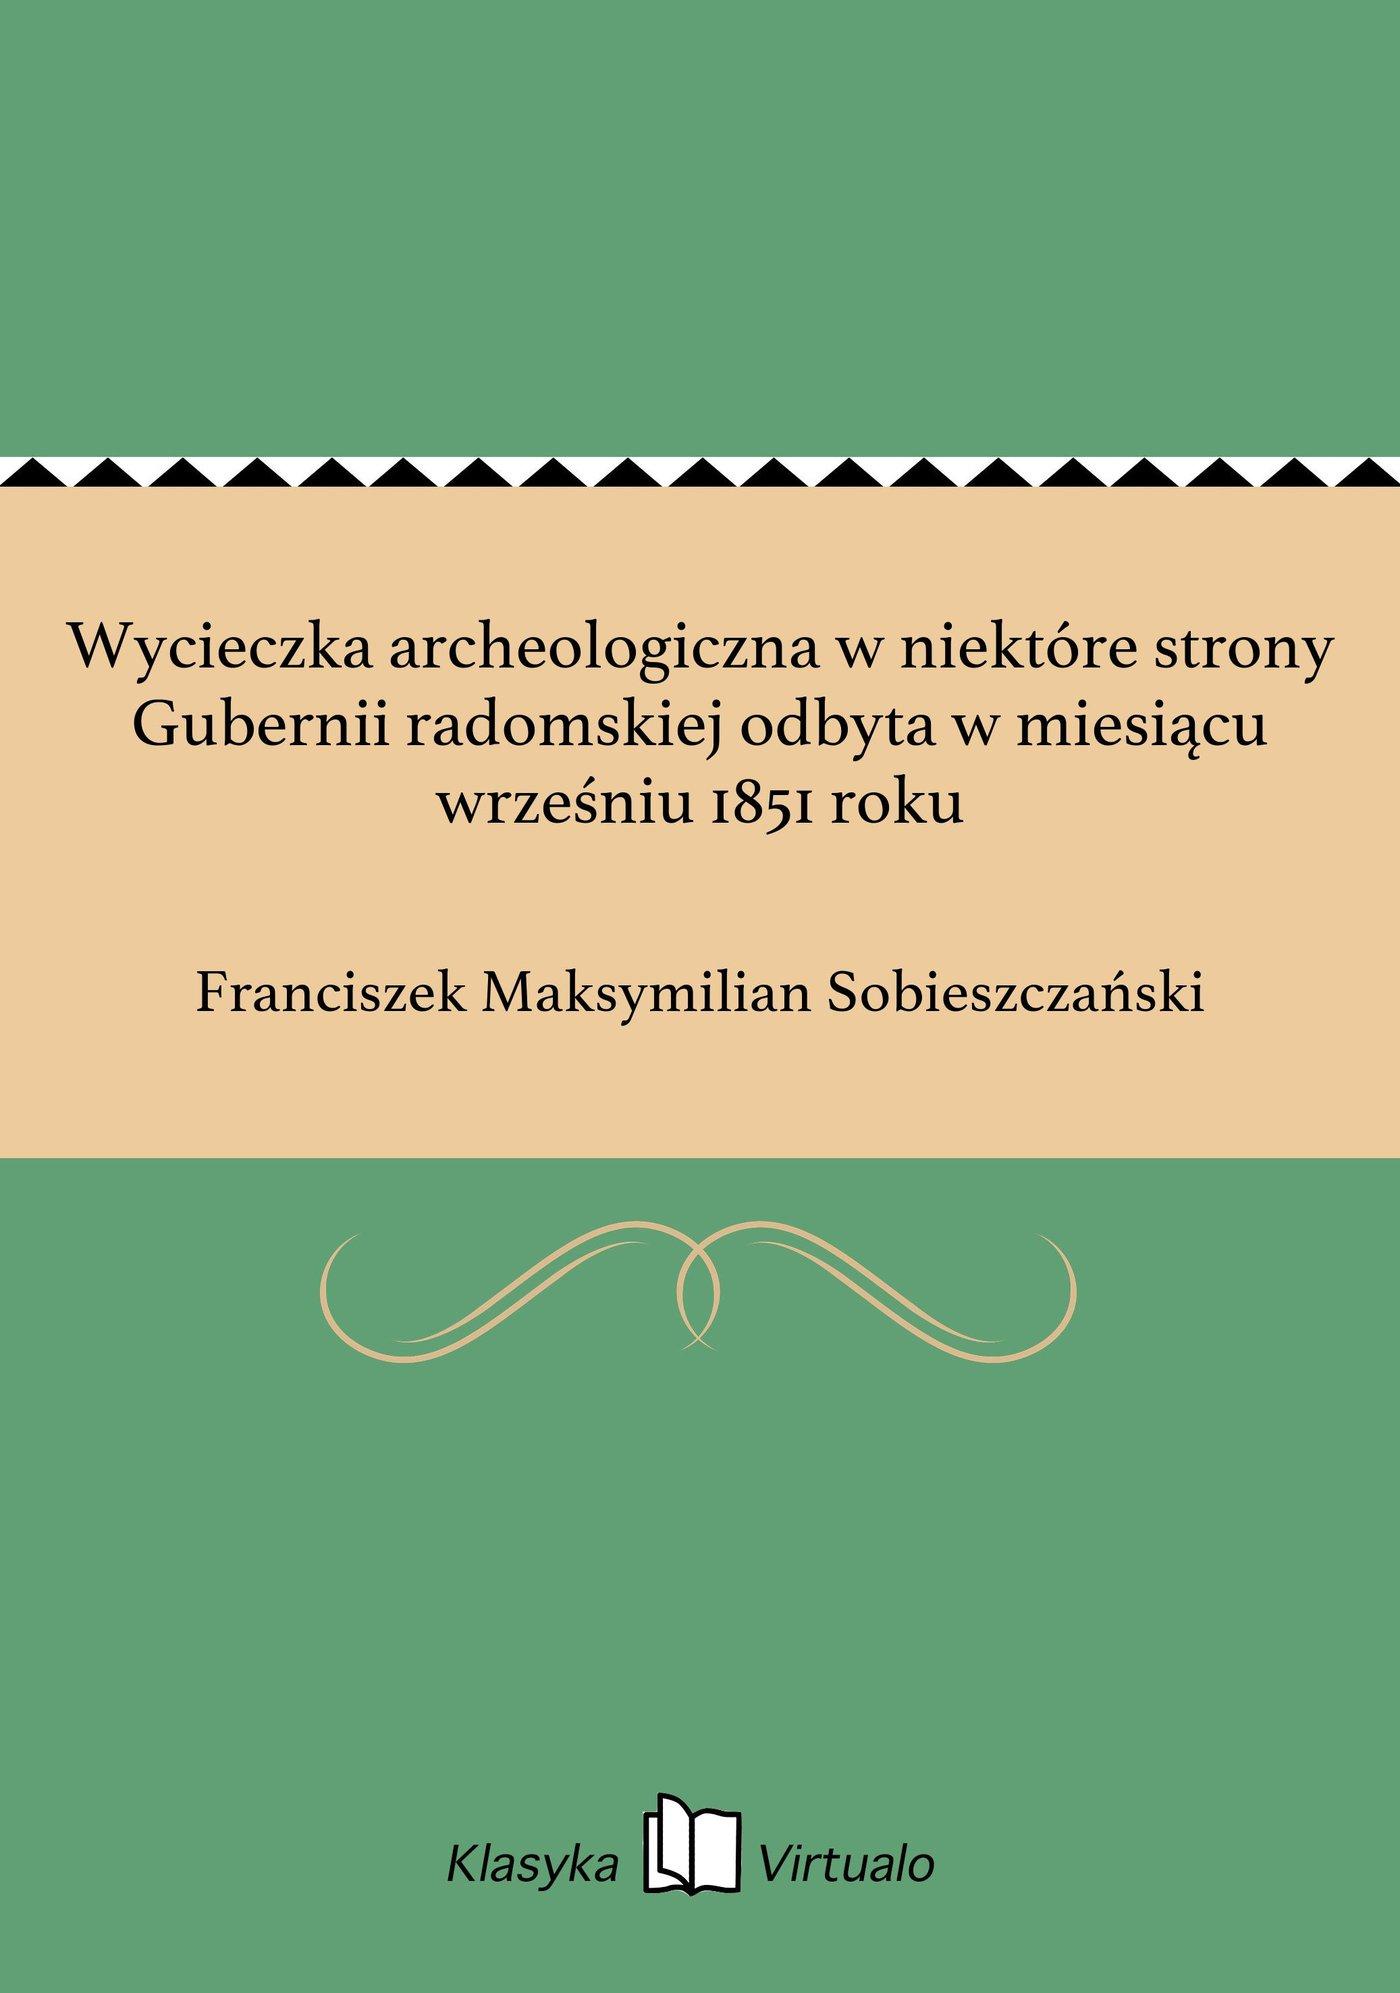 Wycieczka archeologiczna w niektóre strony Gubernii radomskiej odbyta w miesiącu wrześniu 1851 roku - Ebook (Książka EPUB) do pobrania w formacie EPUB